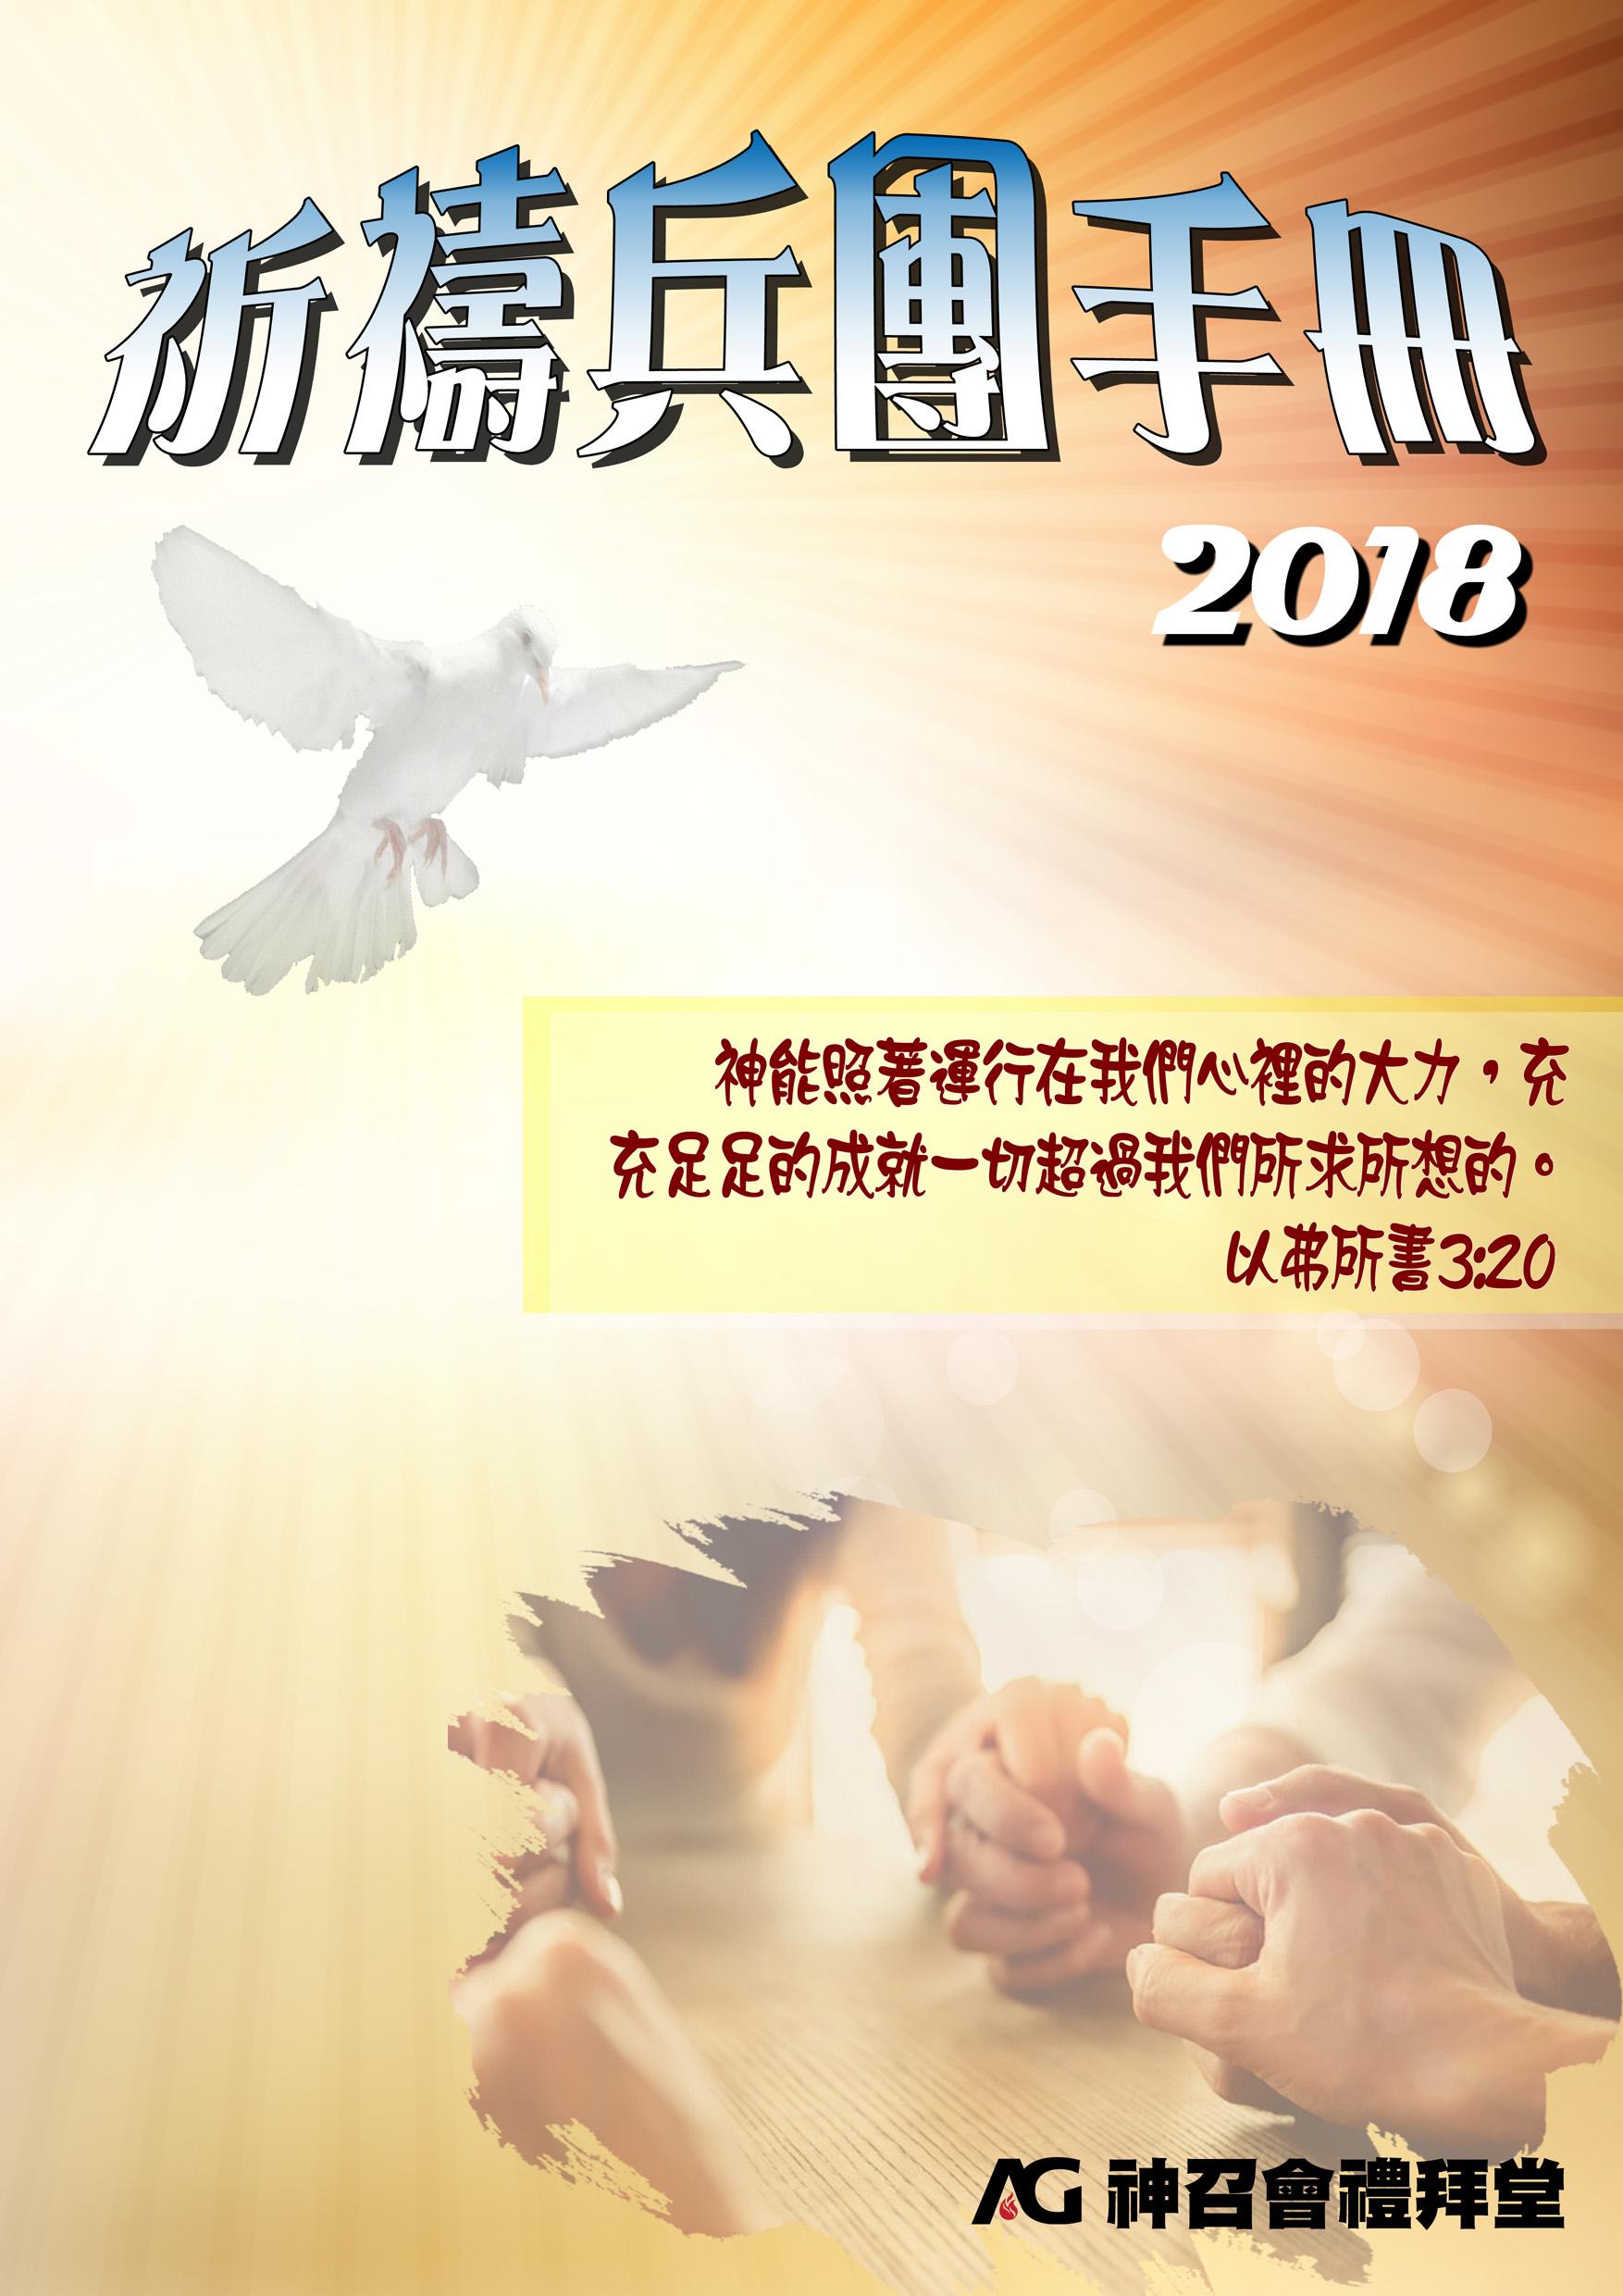 2017祈禱會兵團